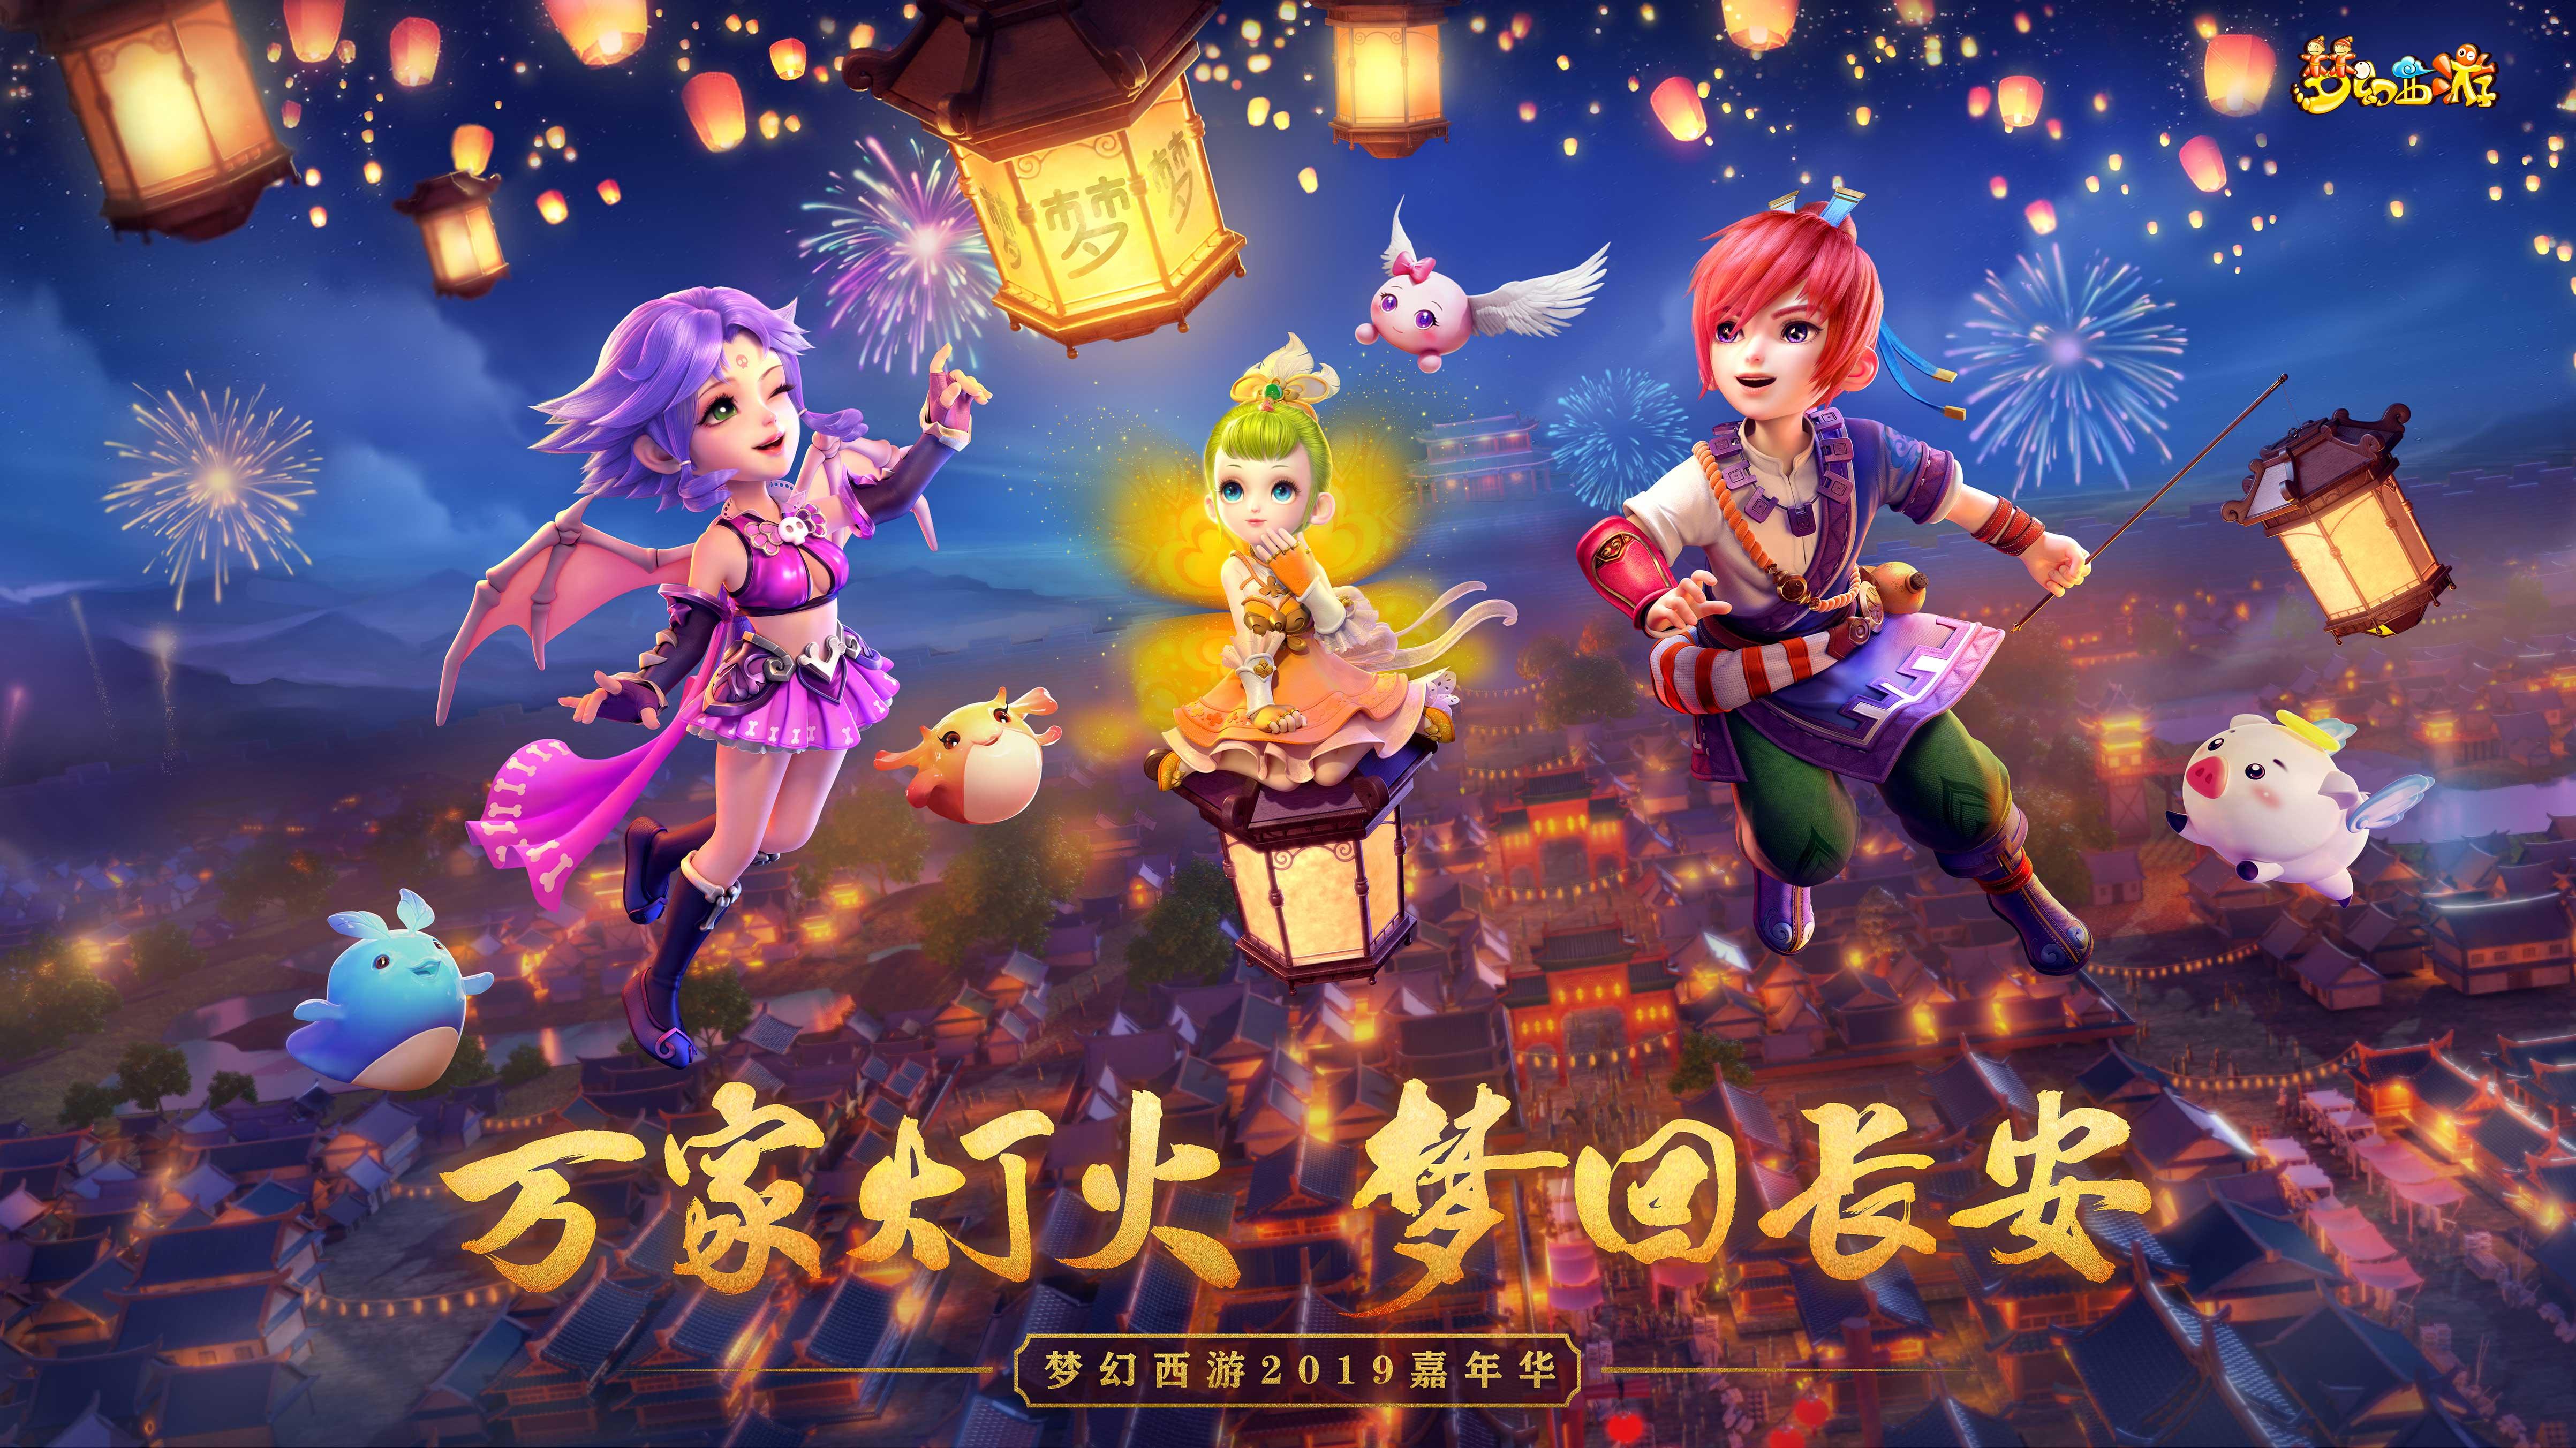 挑灯看剑,梦幻西游2019嘉年华武艺比拼活动预告